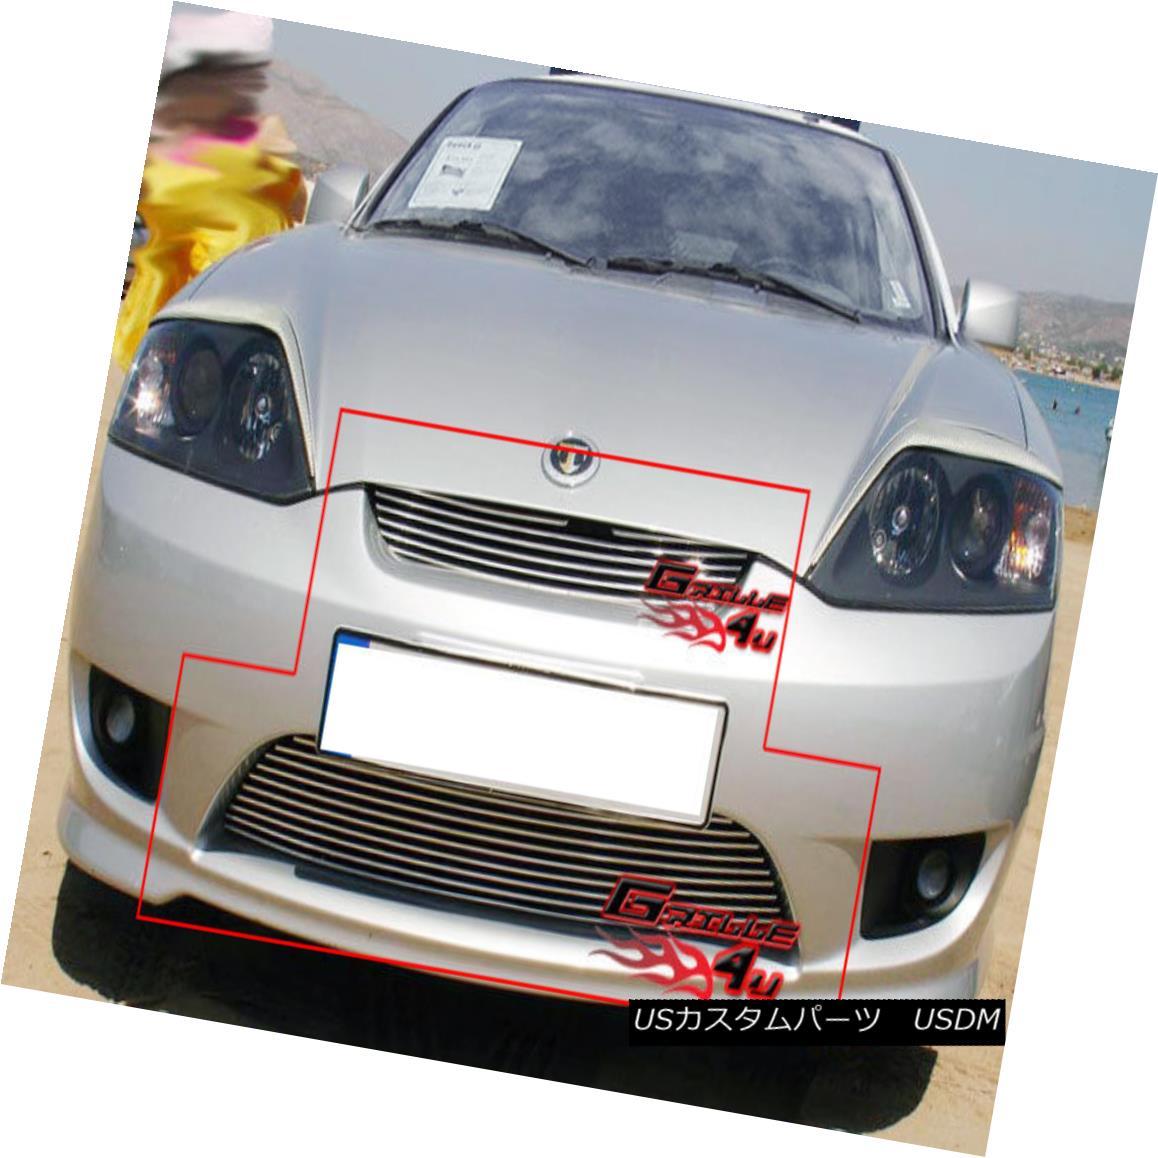 グリル Fits 2005-2006 Hyundai Tiburon Billet Grille Combo 2005-2006現代ティブロンビレットグリルコンボに適合